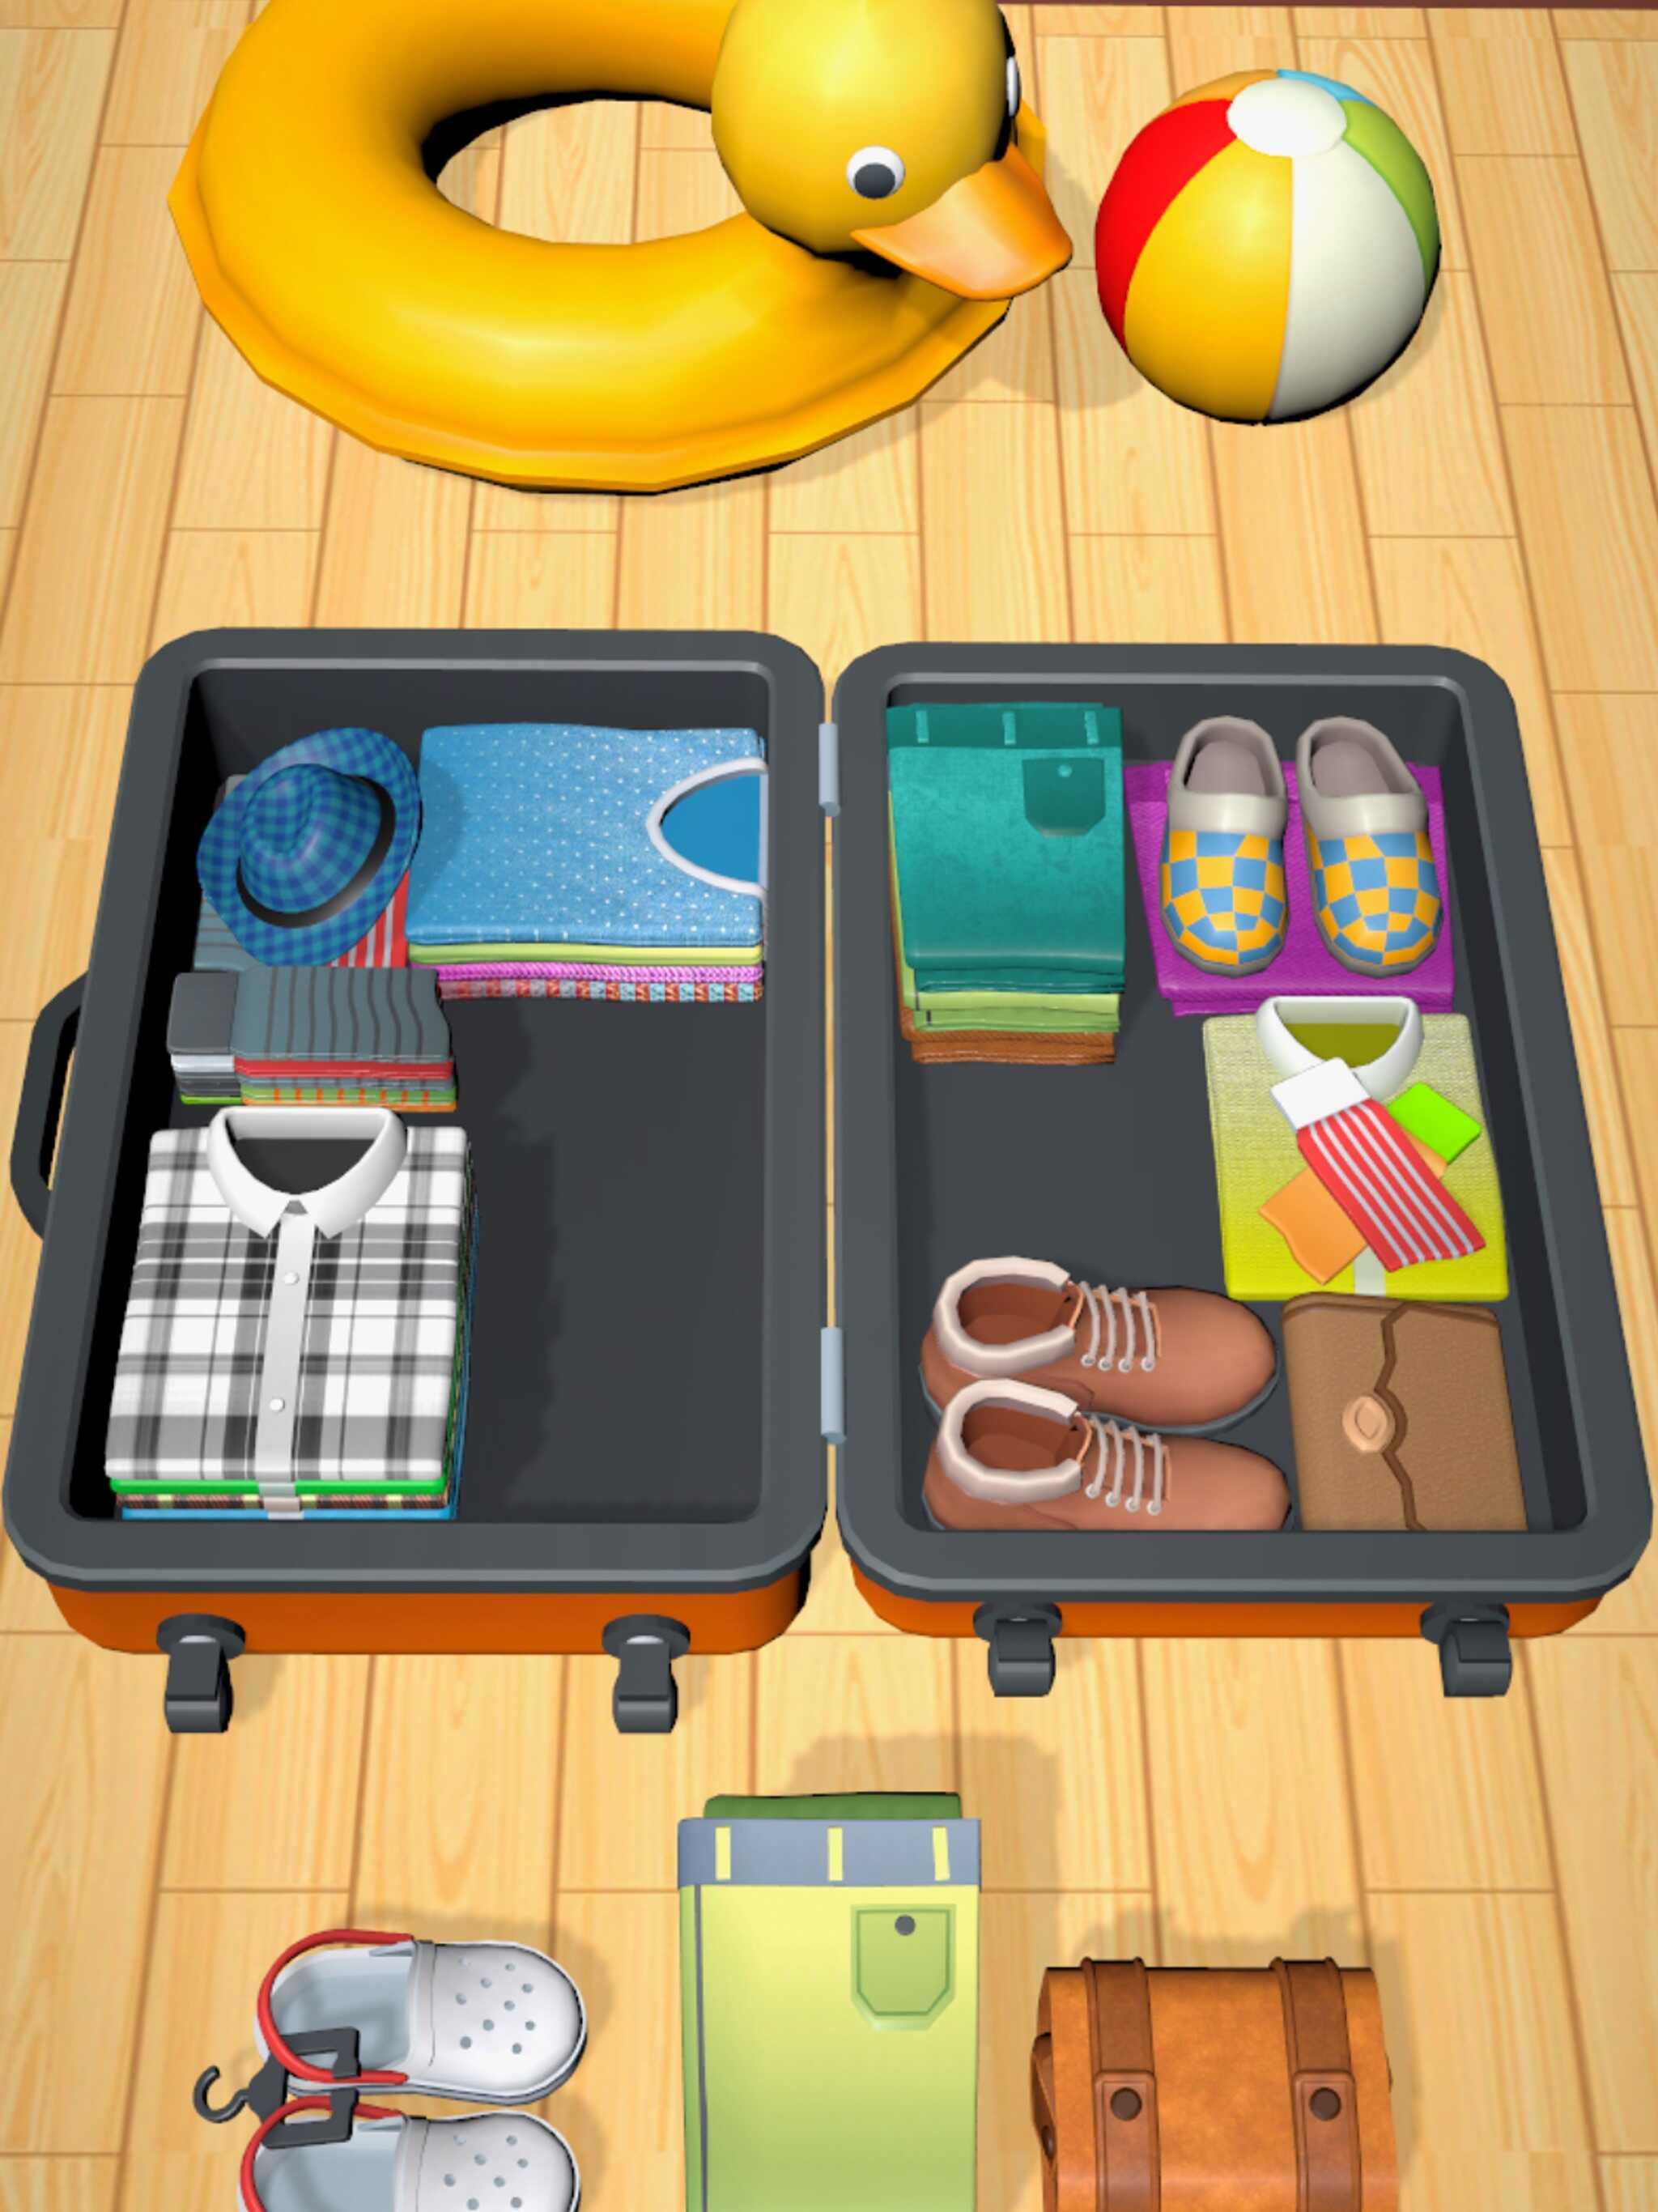 House Life 3Dのプレイ画面